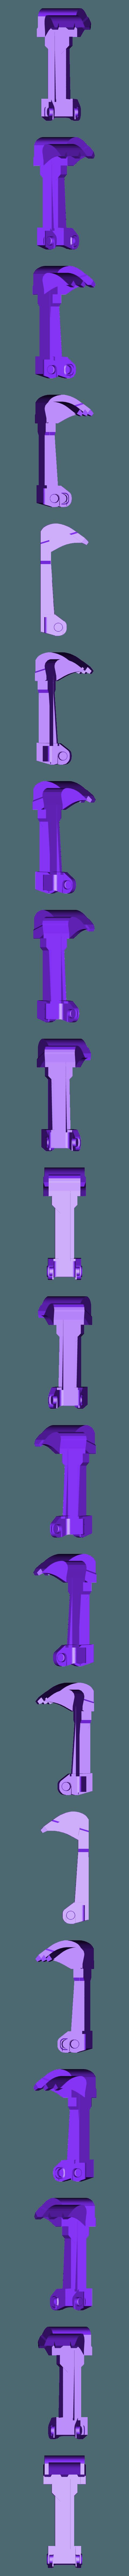 shovel-and-arm-3.stl Télécharger fichier STL gratuit Pelle de remplacement pour pelleteuse (siku 0801) • Objet pour impression 3D, Lurgmog